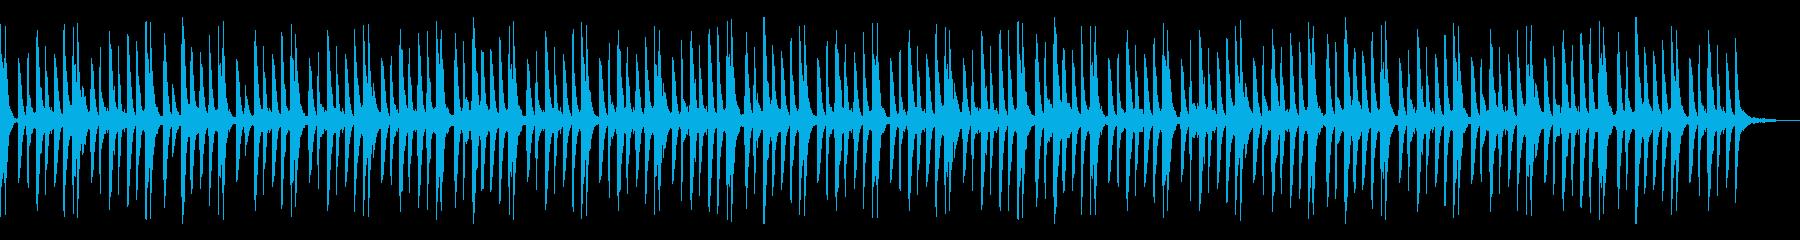 優しいヴォイスのエレクトロシーケンスの再生済みの波形